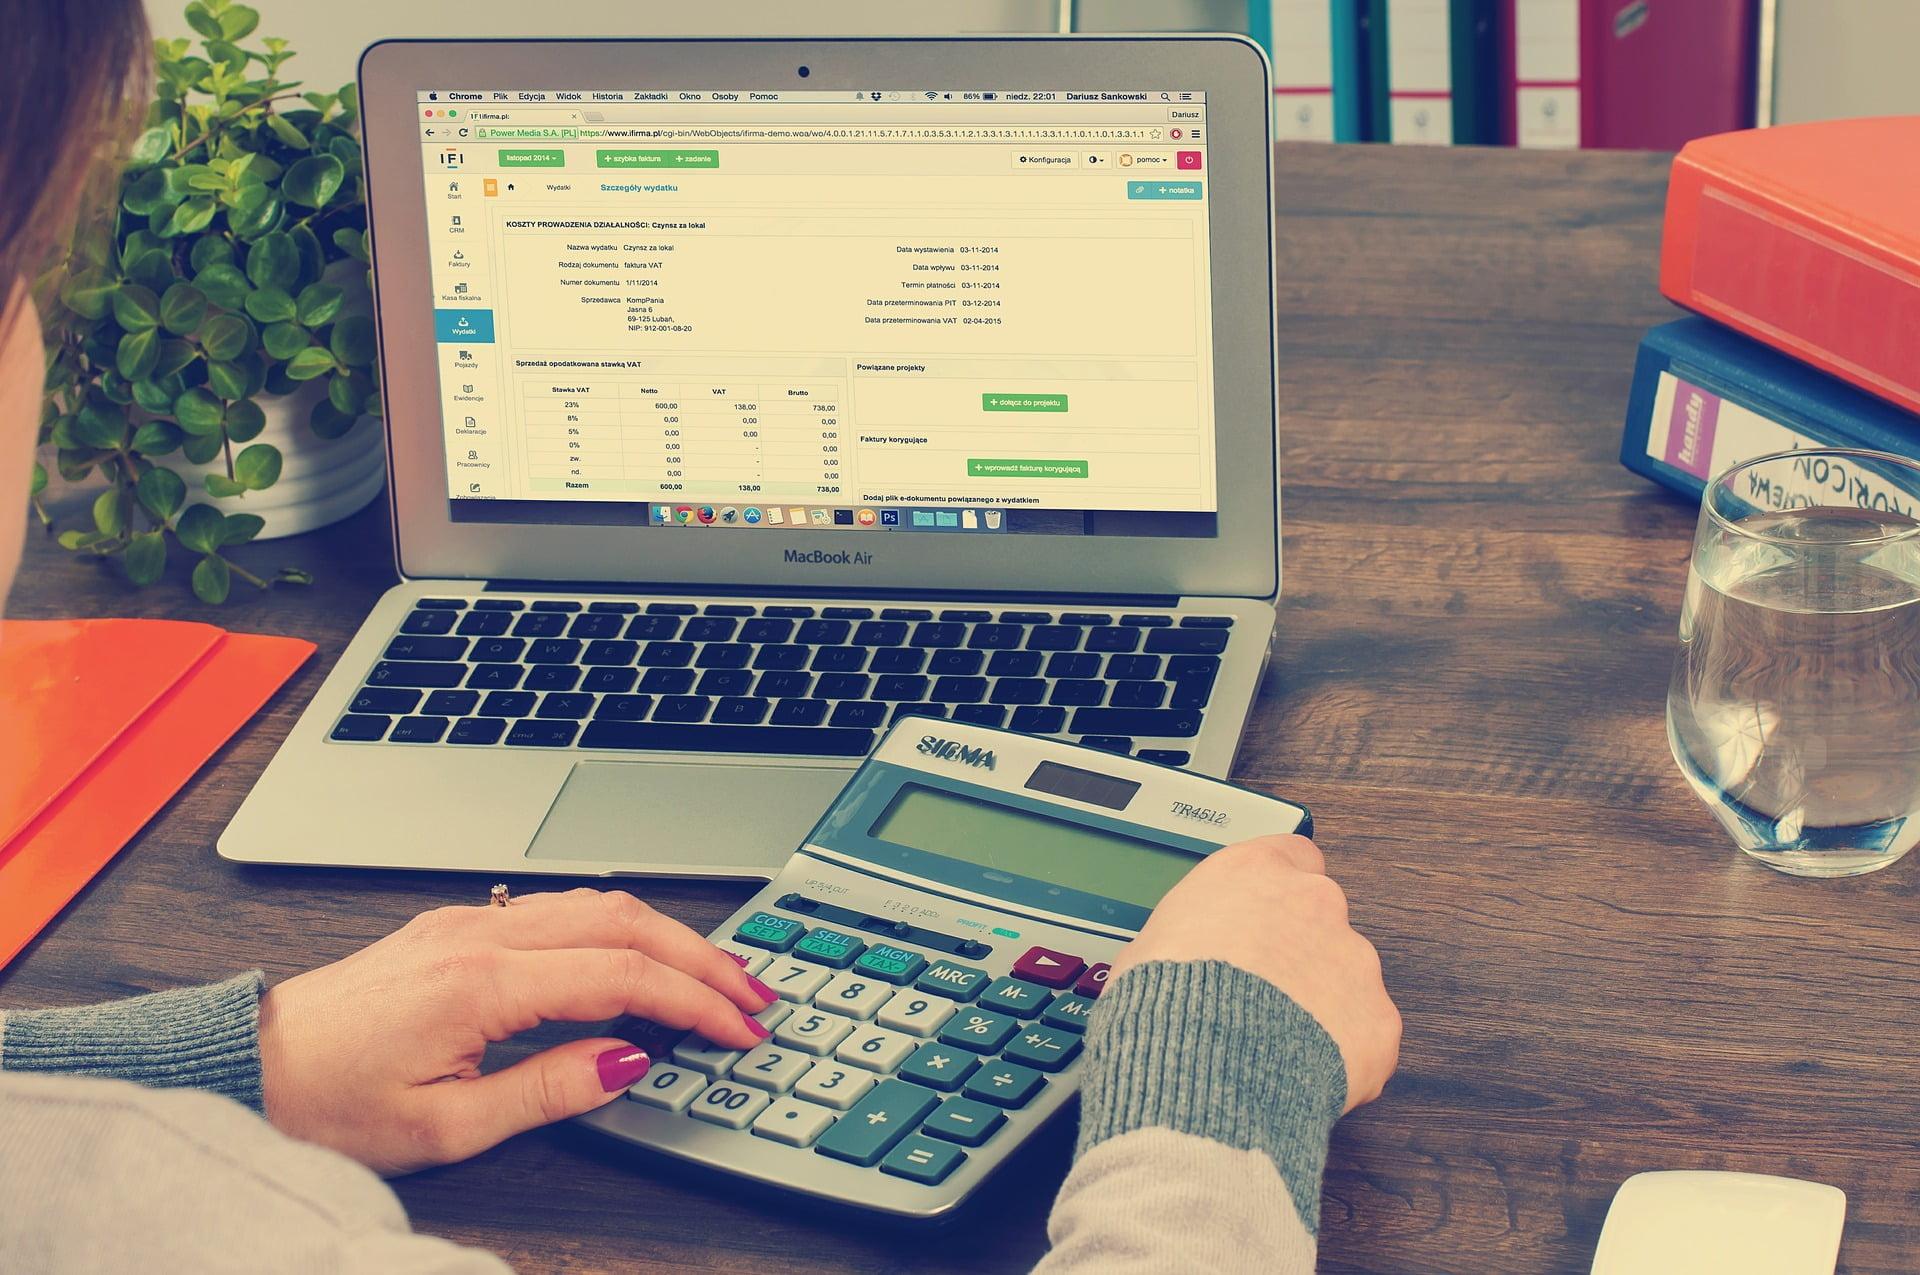 Podatkowa księga przychodów i rozchodów co to jest?